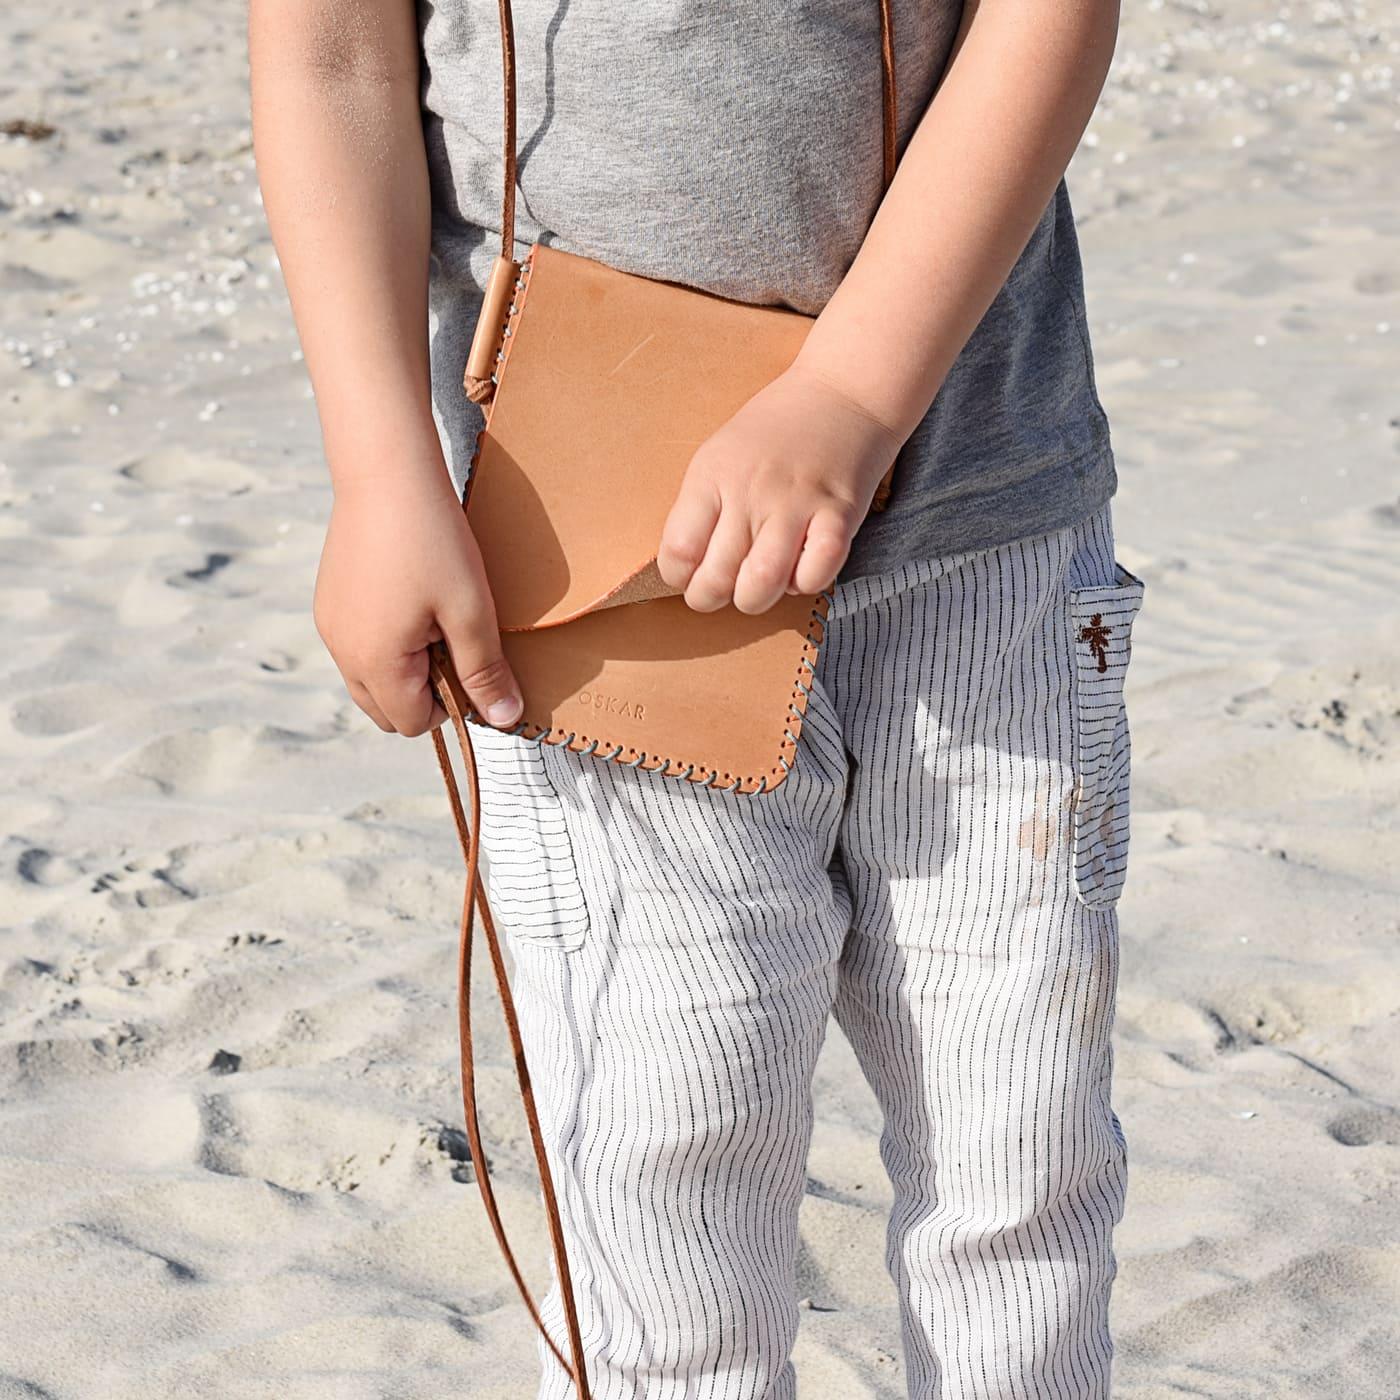 Schönes Geschenk für Kinder: Kindertaschen von lapaporter // HIMBEER